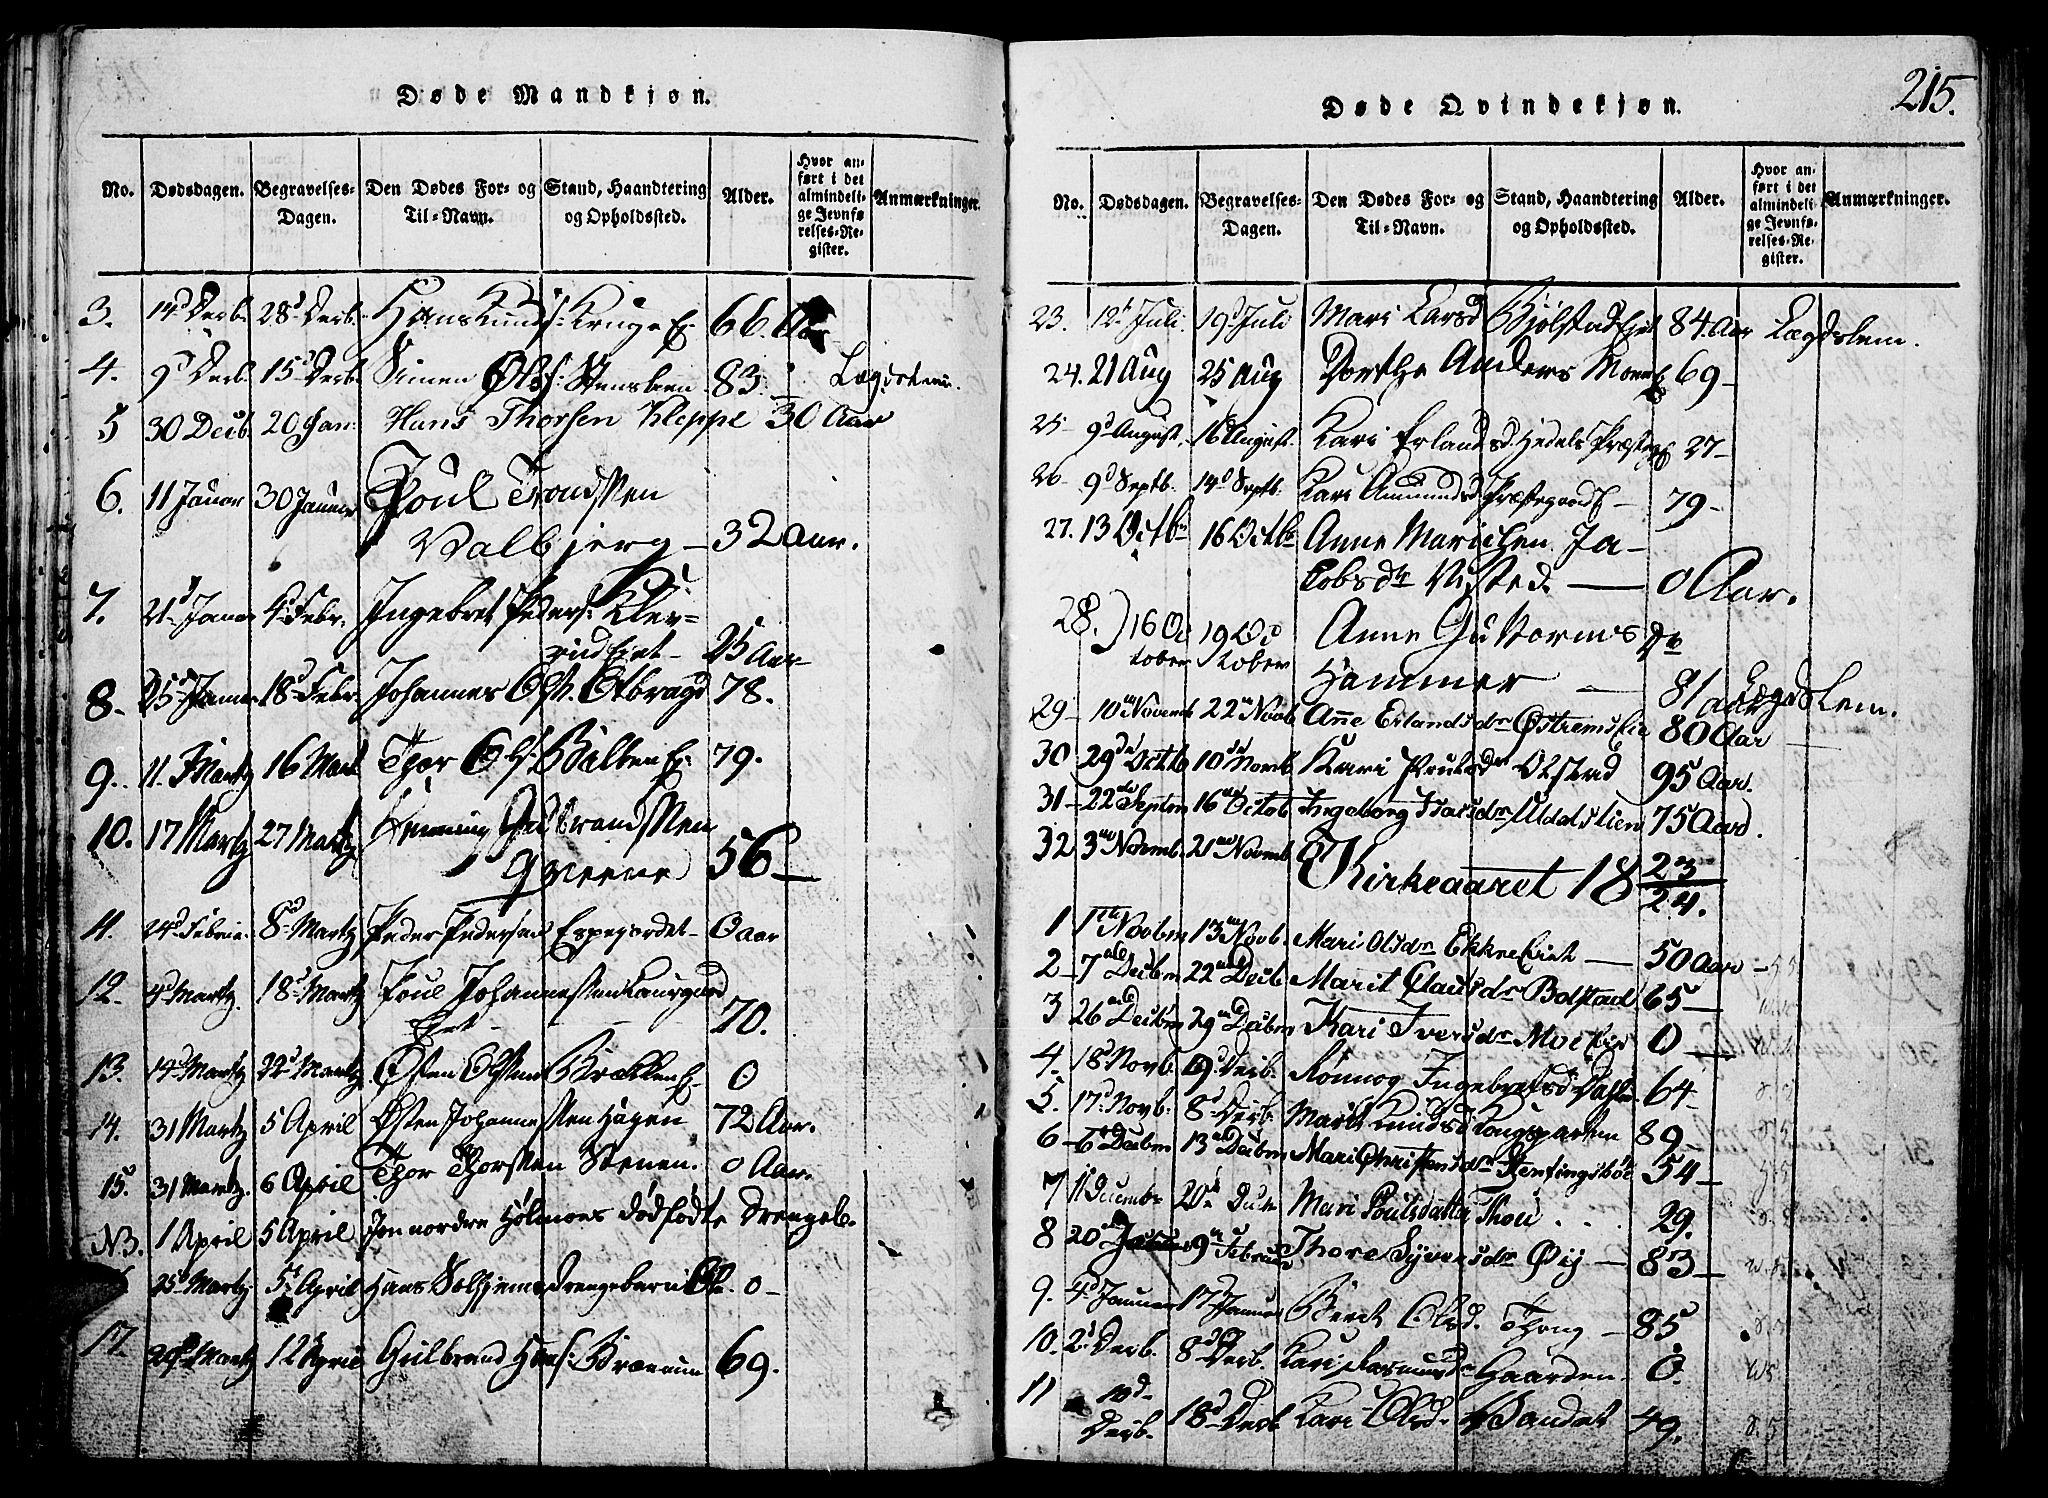 SAH, Vågå prestekontor, Klokkerbok nr. 1, 1815-1827, s. 214-215